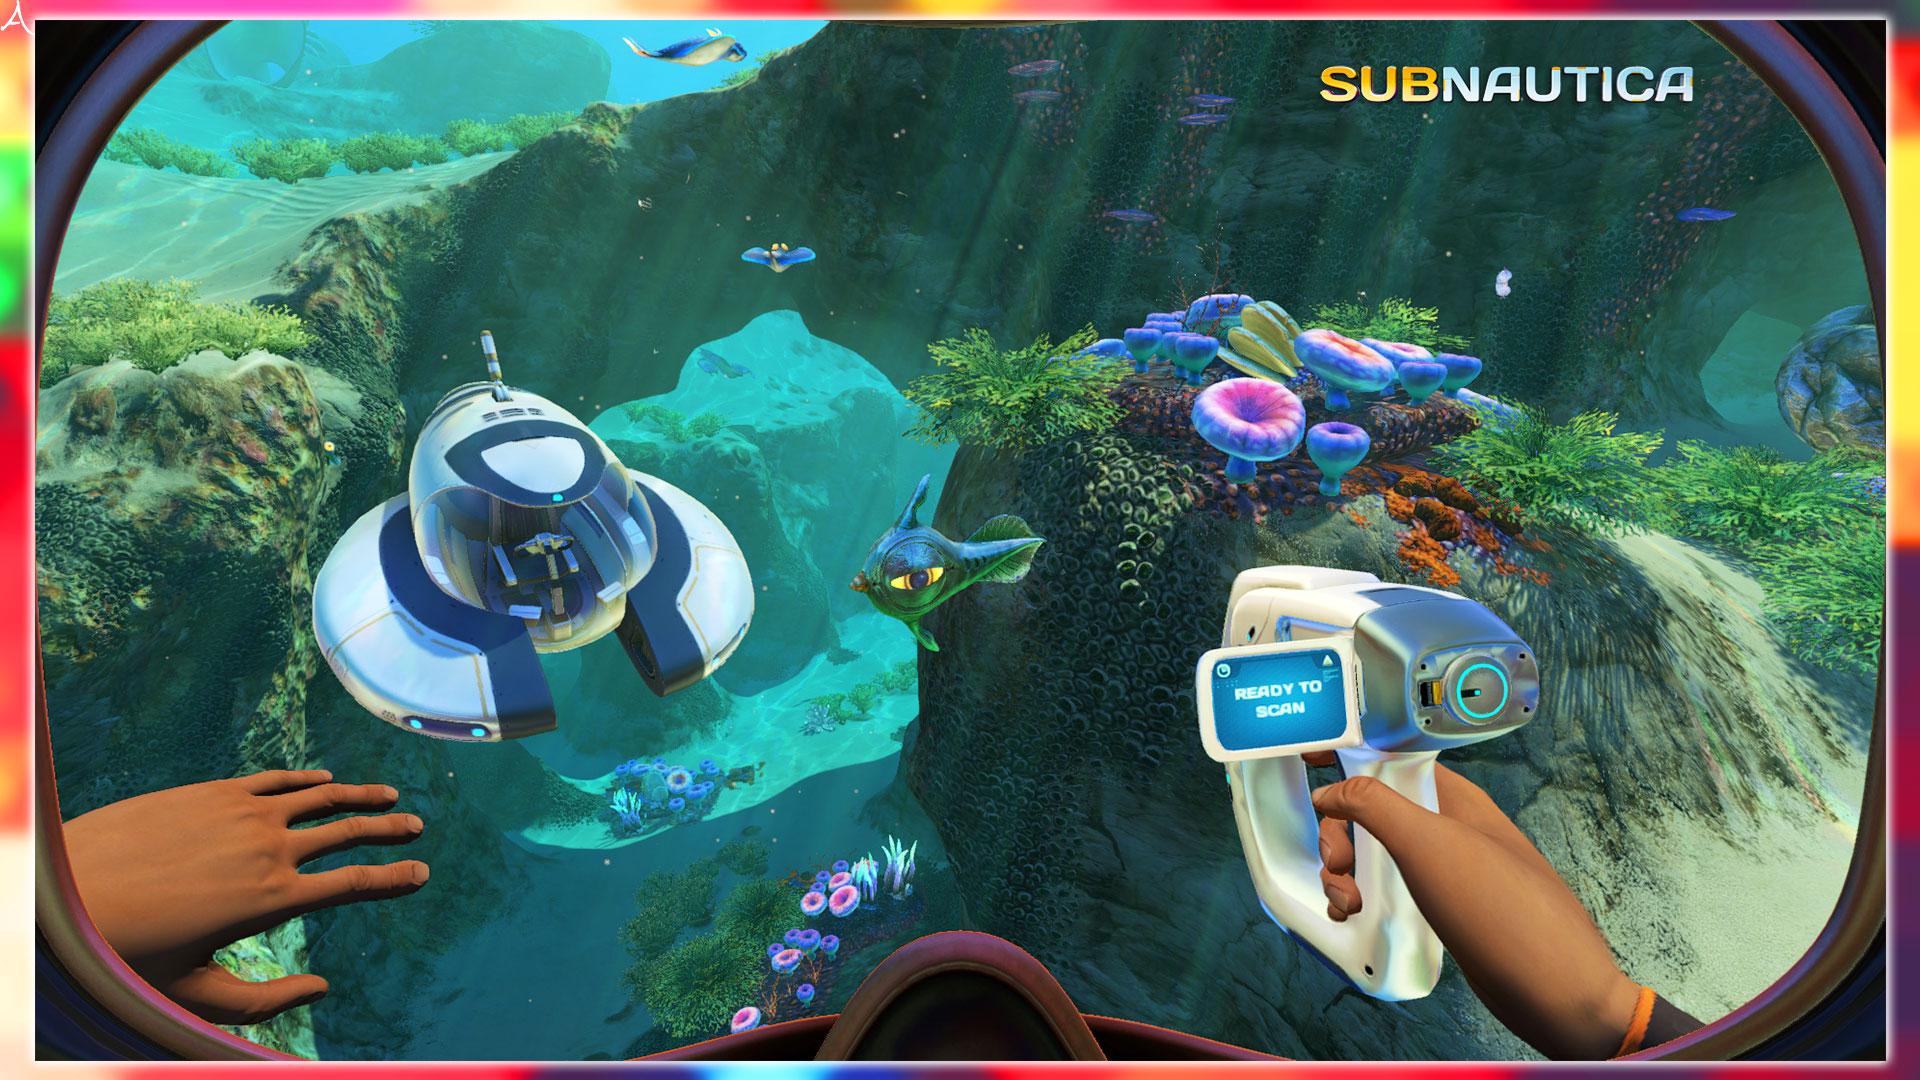 PC版「Subnautica」(サブノーティカ)に必要な最低/推奨スペックを確認